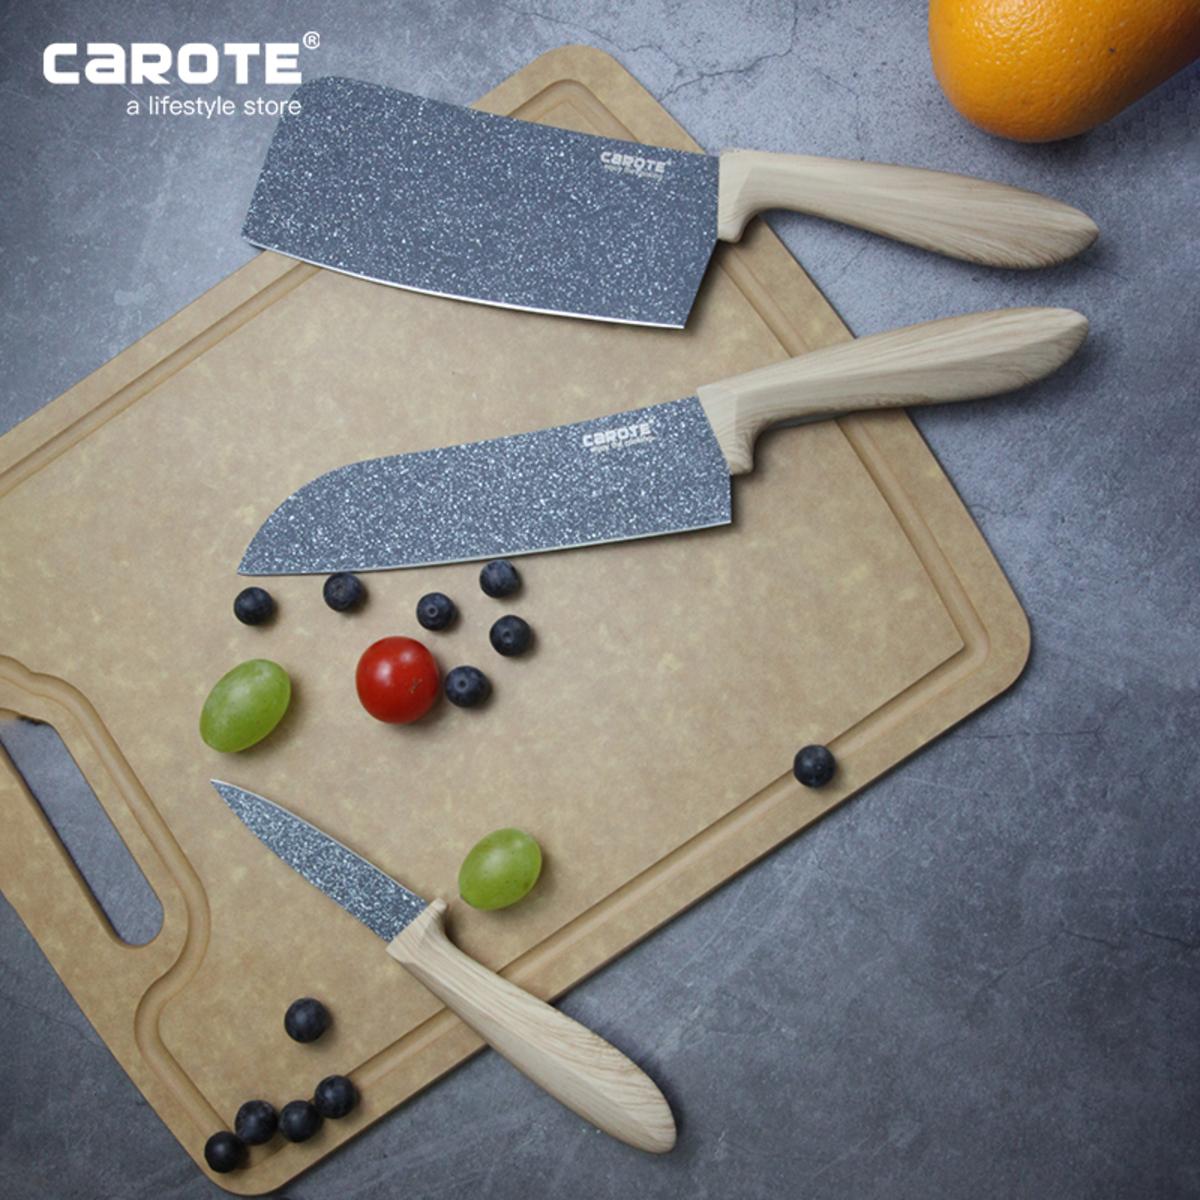 Carote │ 麥飯石菜刀廚房切肉切菜家用不銹鋼菜刀